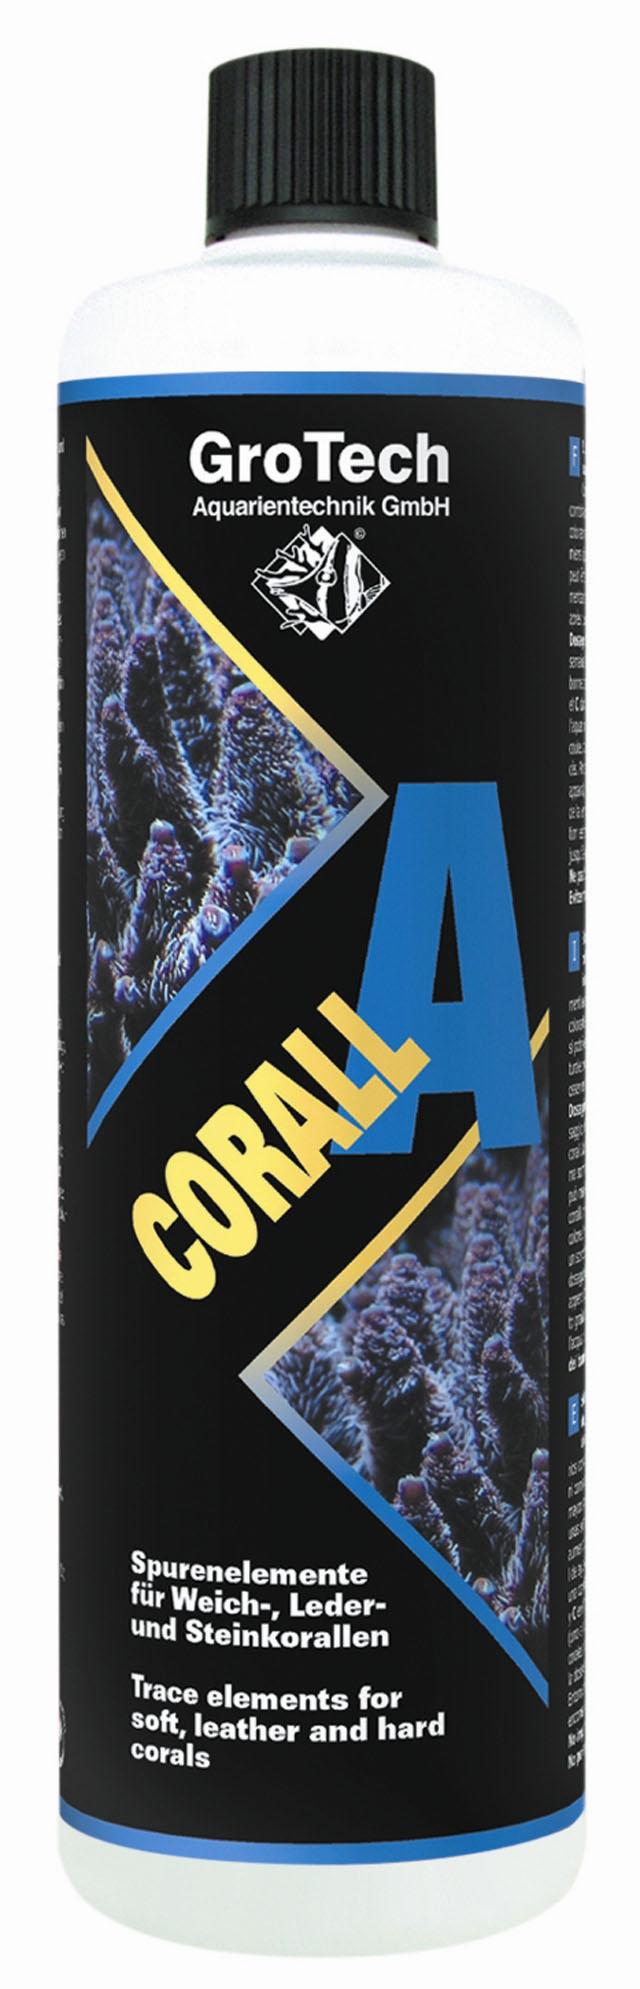 GROTECH Corall A 250 ml apporte les oligo-éléments essentiels aux coraux mous, cuirs et coraux durs